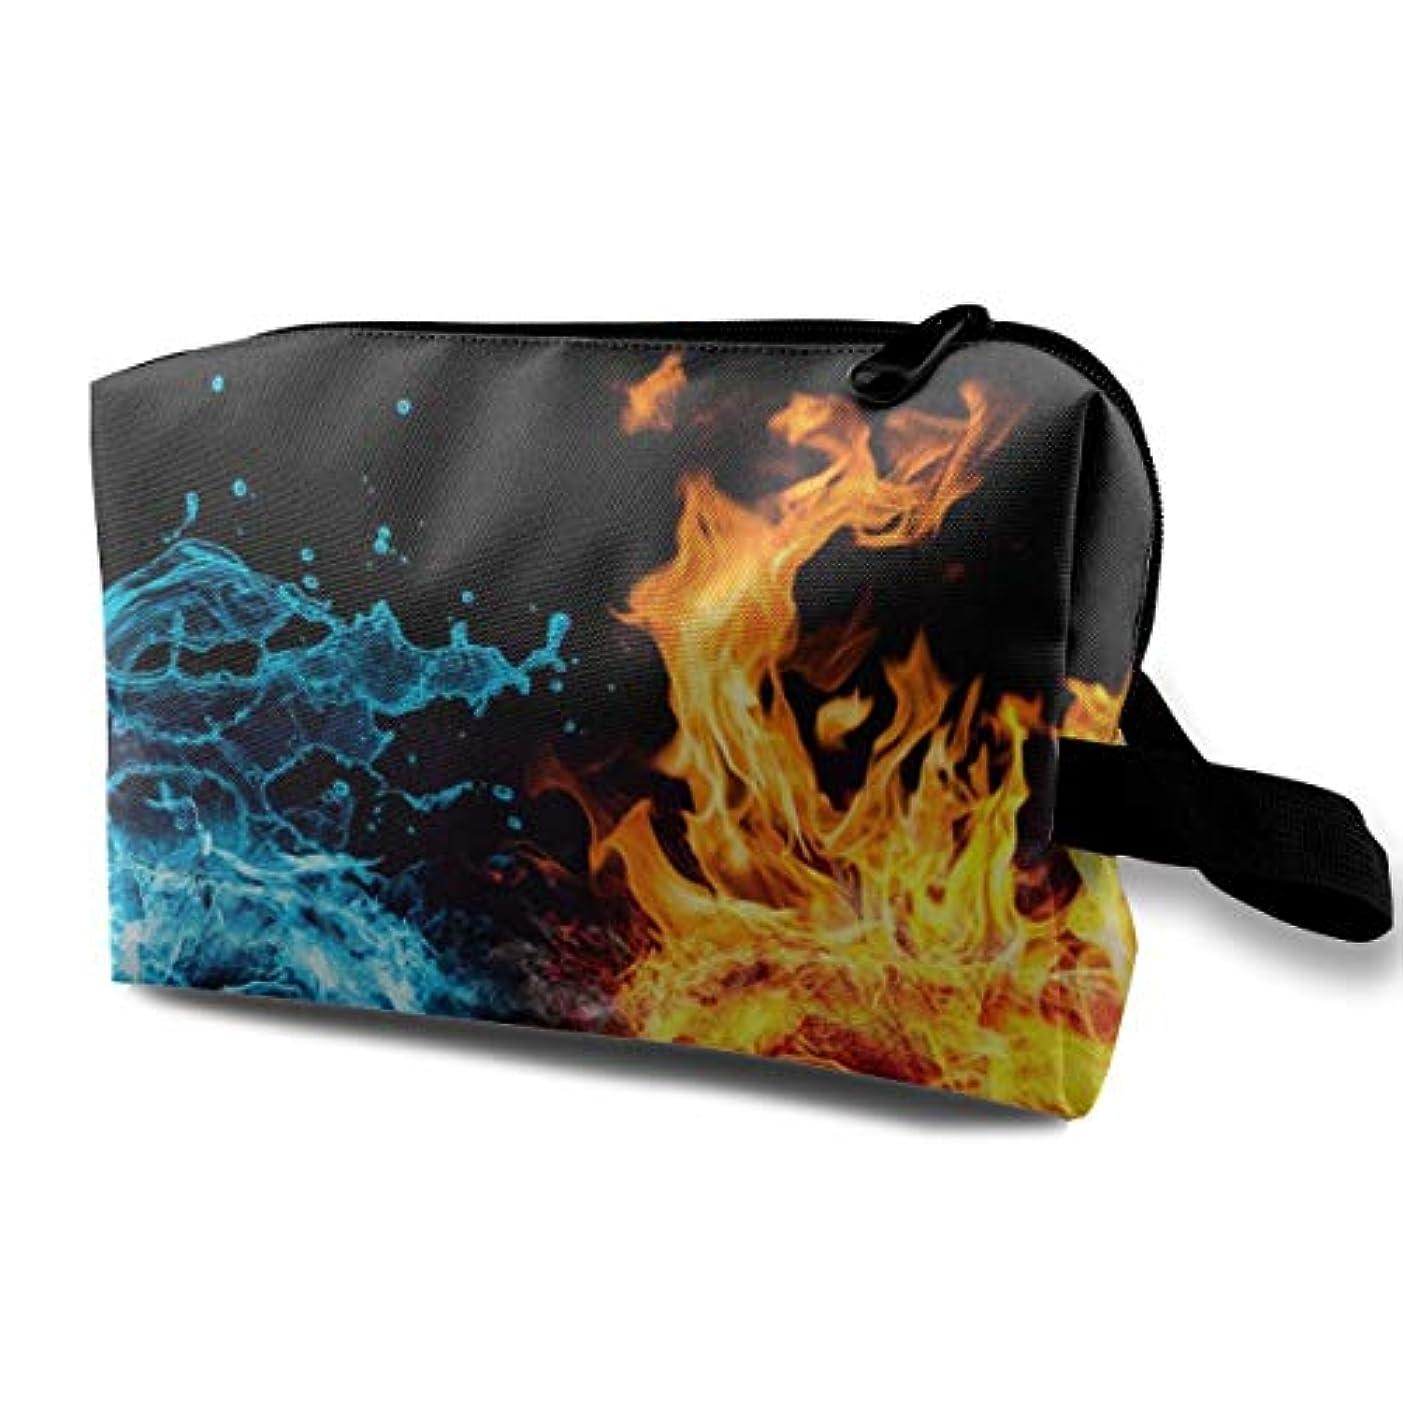 精巧なビジネス線Fist Fire Water 収納ポーチ 化粧ポーチ 大容量 軽量 耐久性 ハンドル付持ち運び便利。入れ 自宅?出張?旅行?アウトドア撮影などに対応。メンズ レディース トラベルグッズ